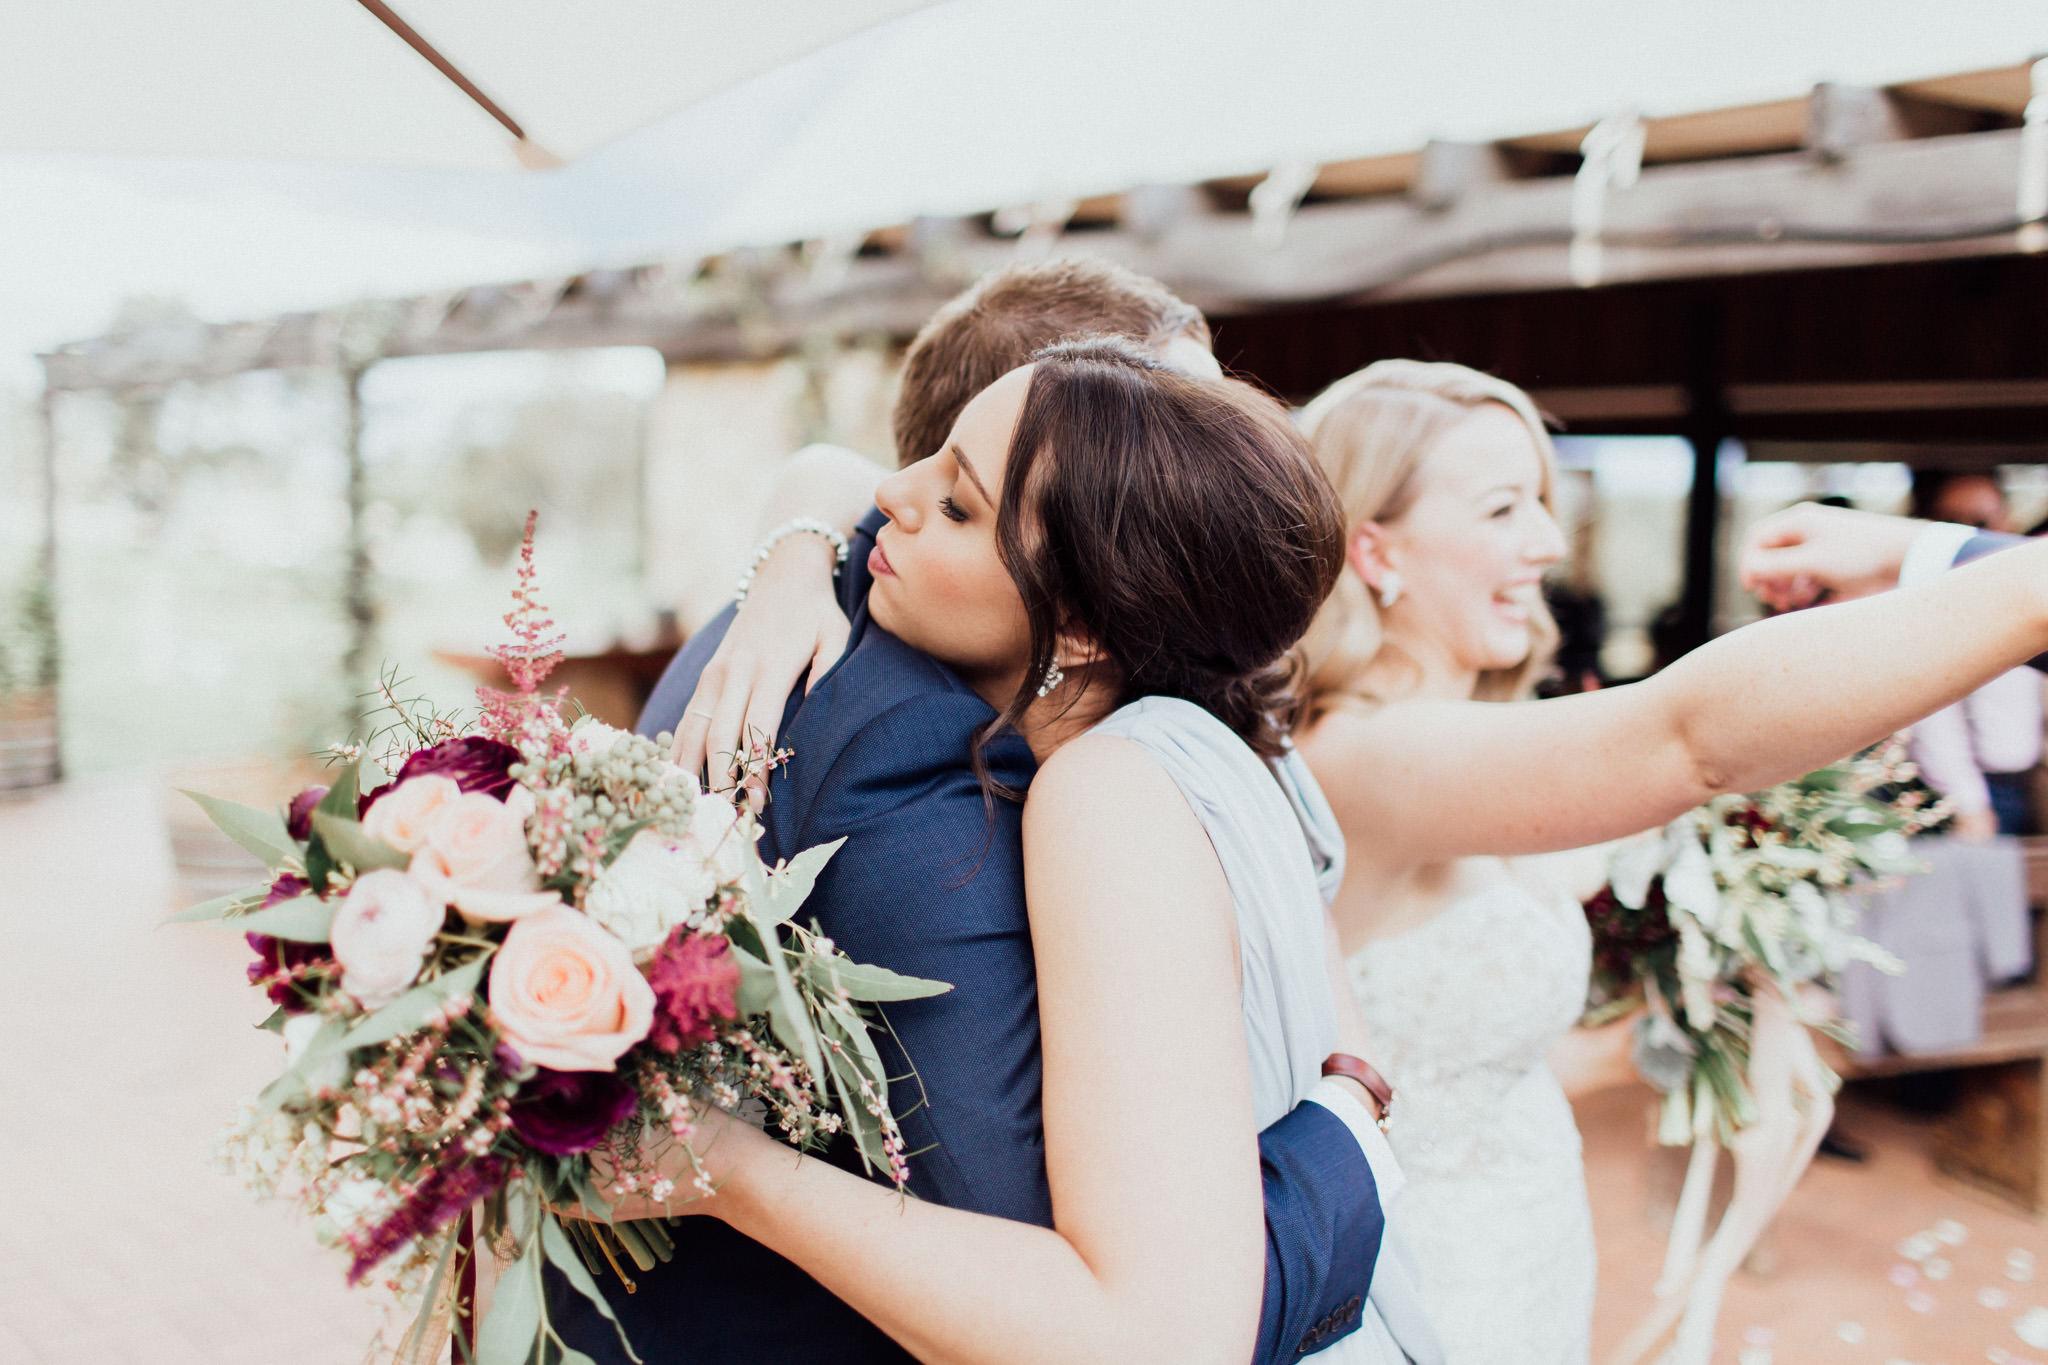 WeddingPhotos_Facebook_2048pixels-1058.jpg